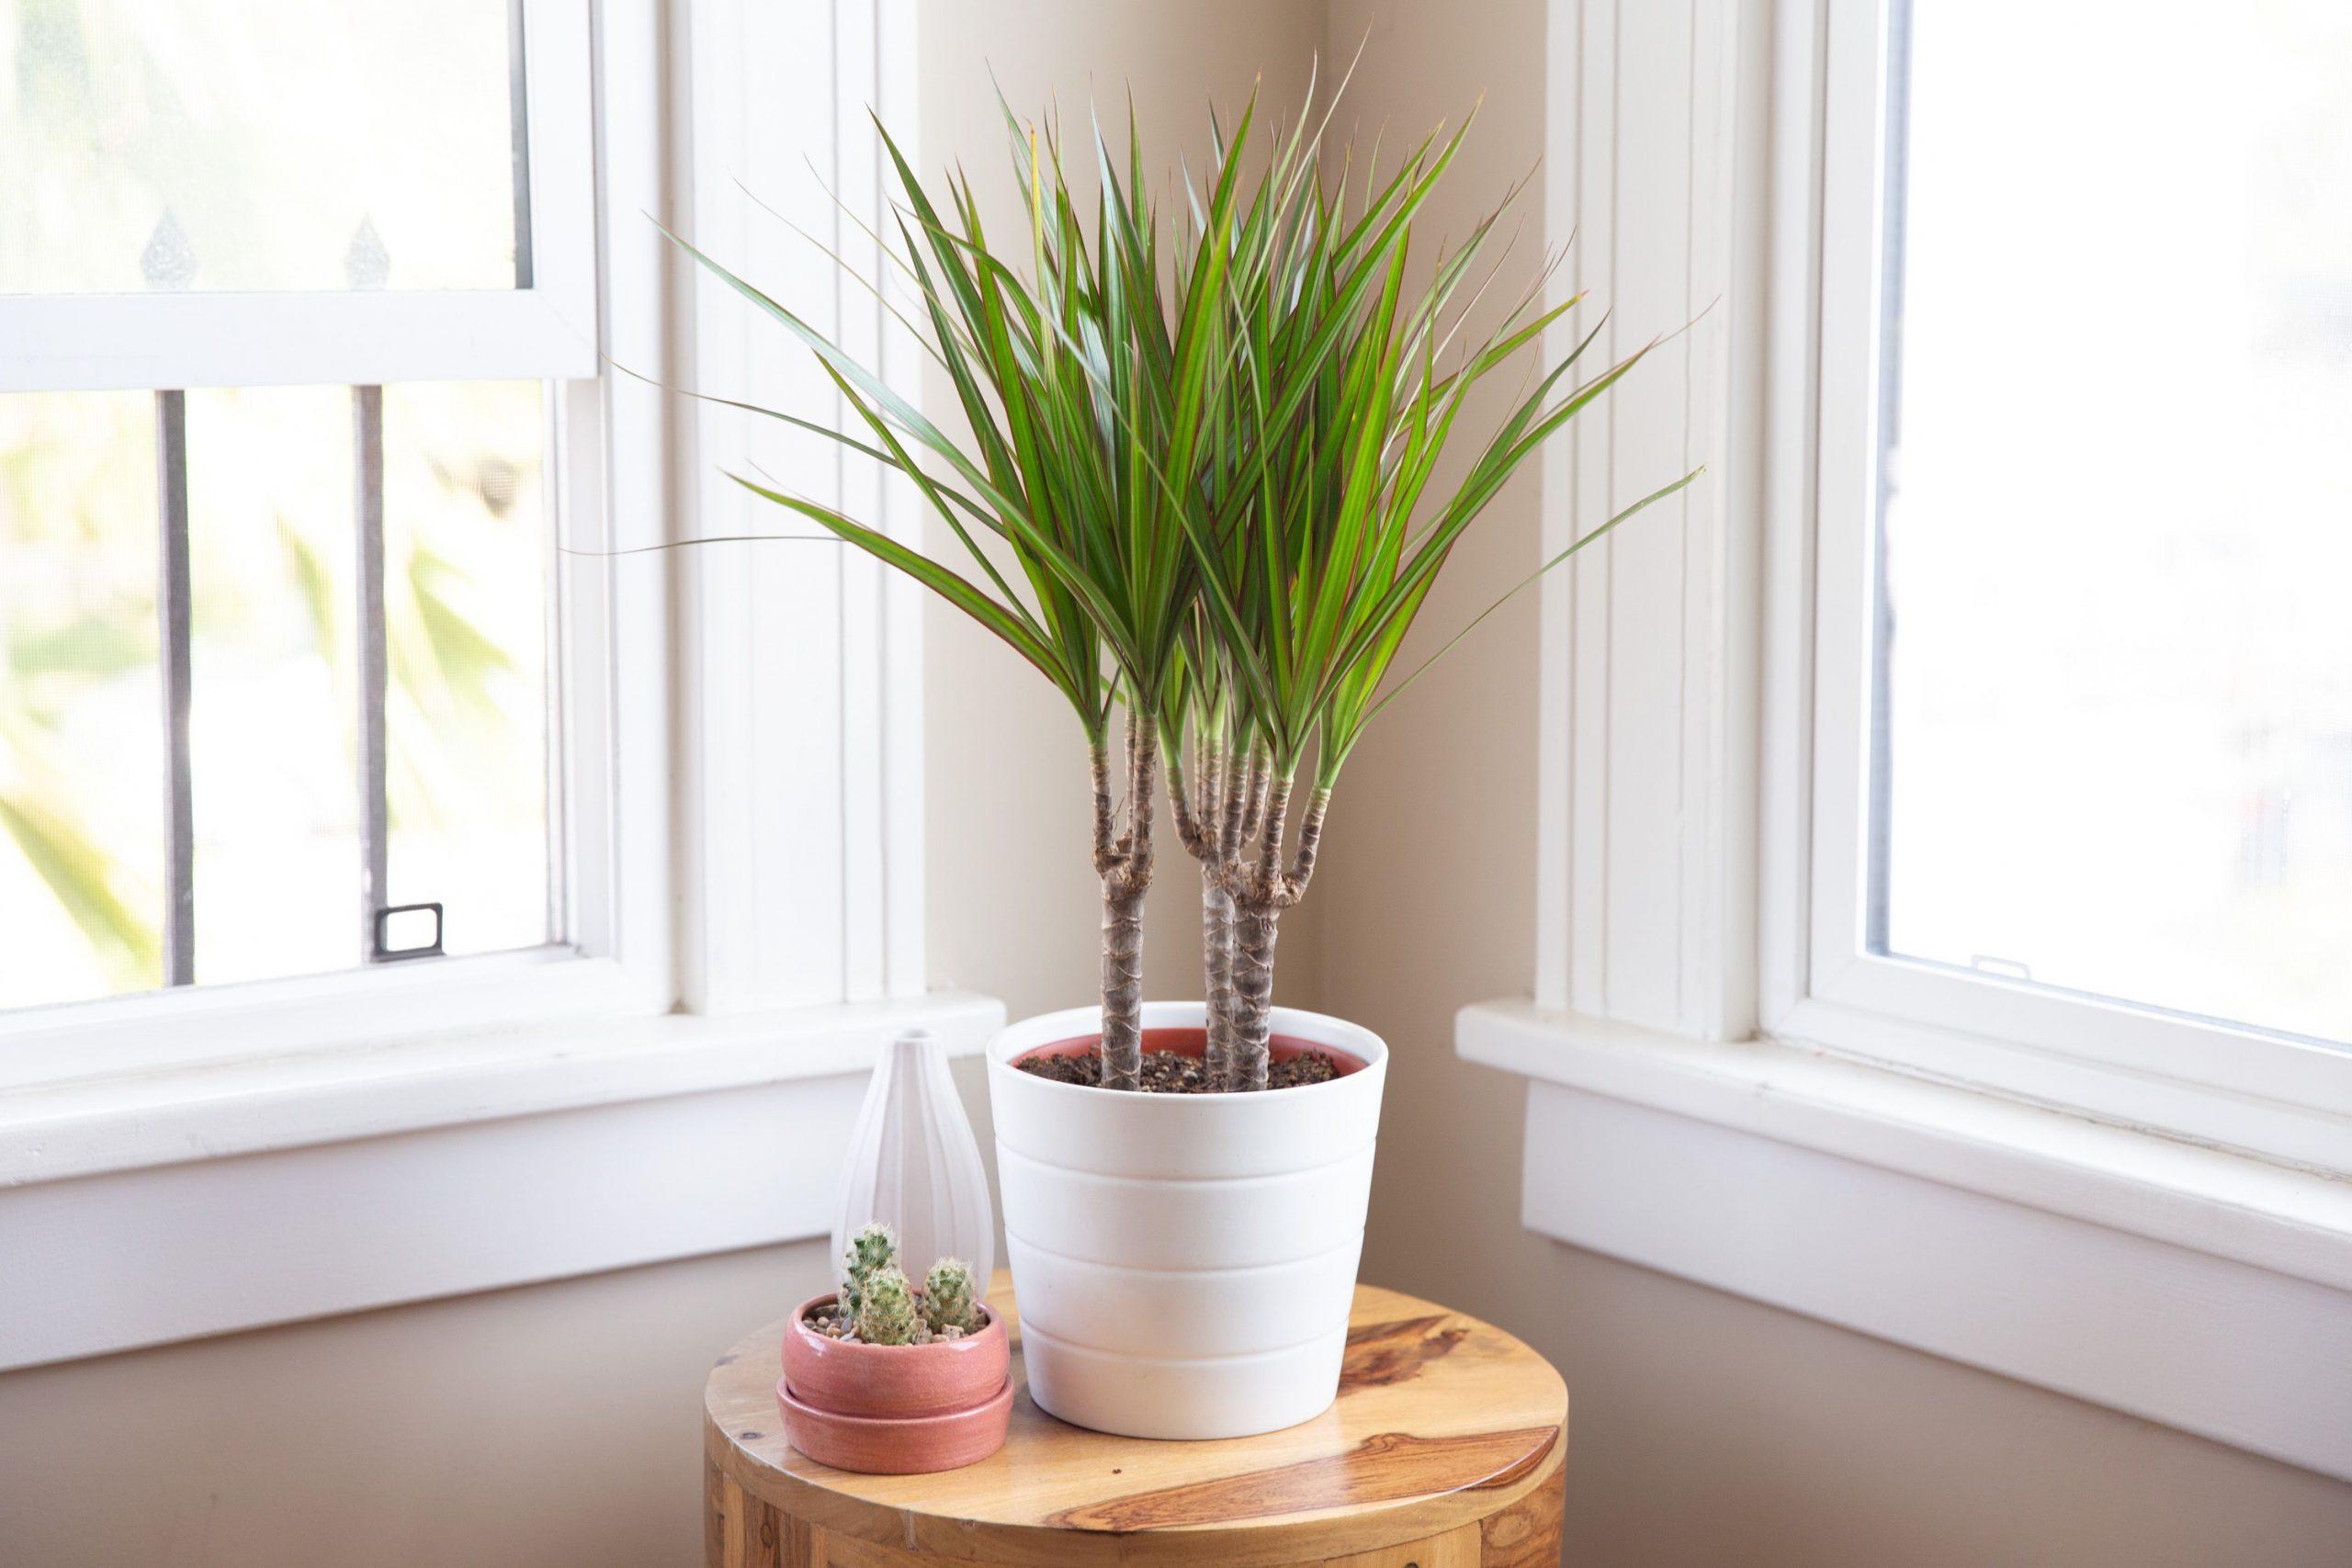 grow dracaena marginata indoors 1902749 2 983c52a2805144d899408949969a5728 scaled